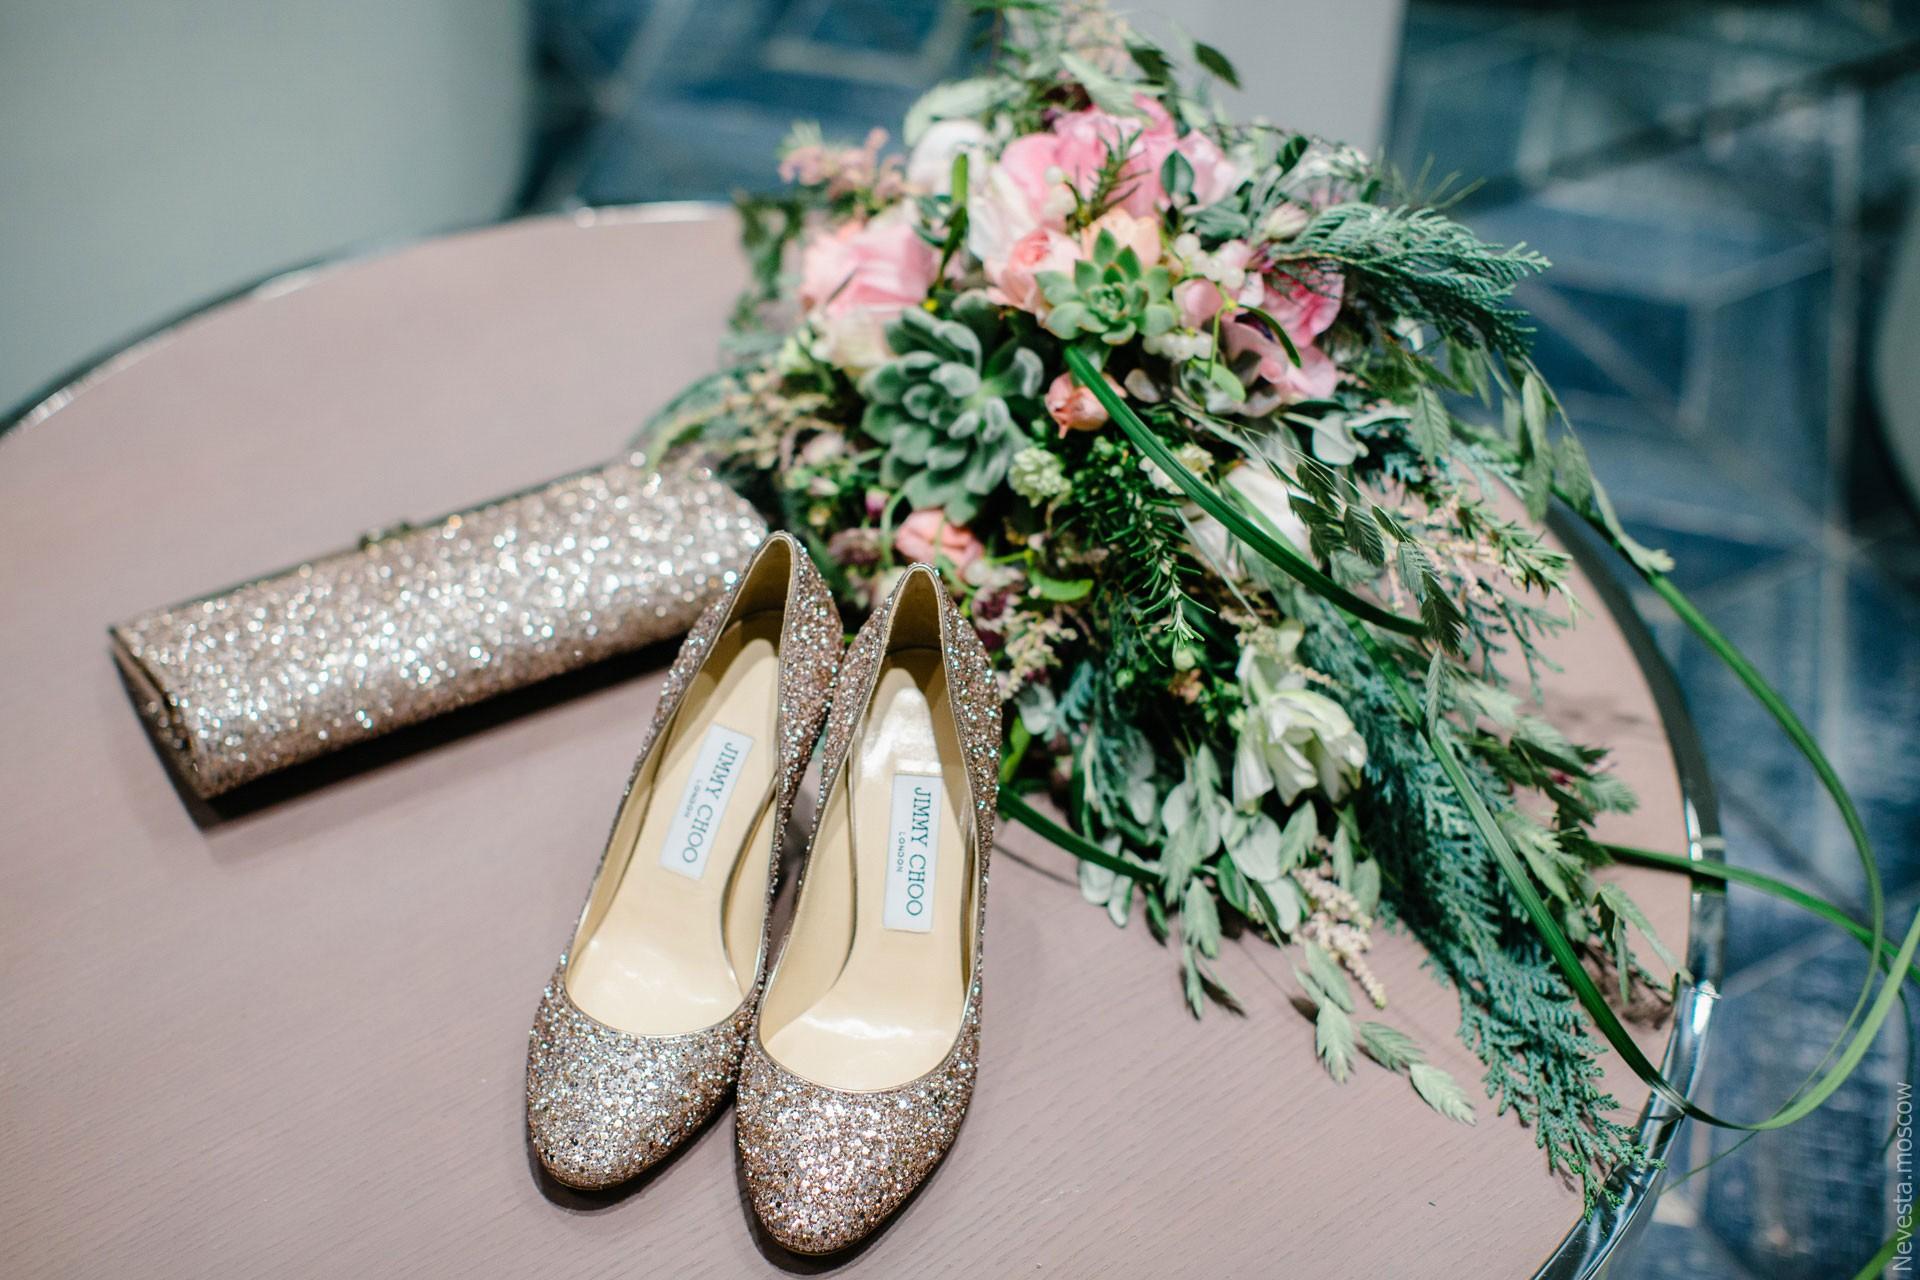 Юлианна Караулова примеряет образ для весенней свадьбы фото 24